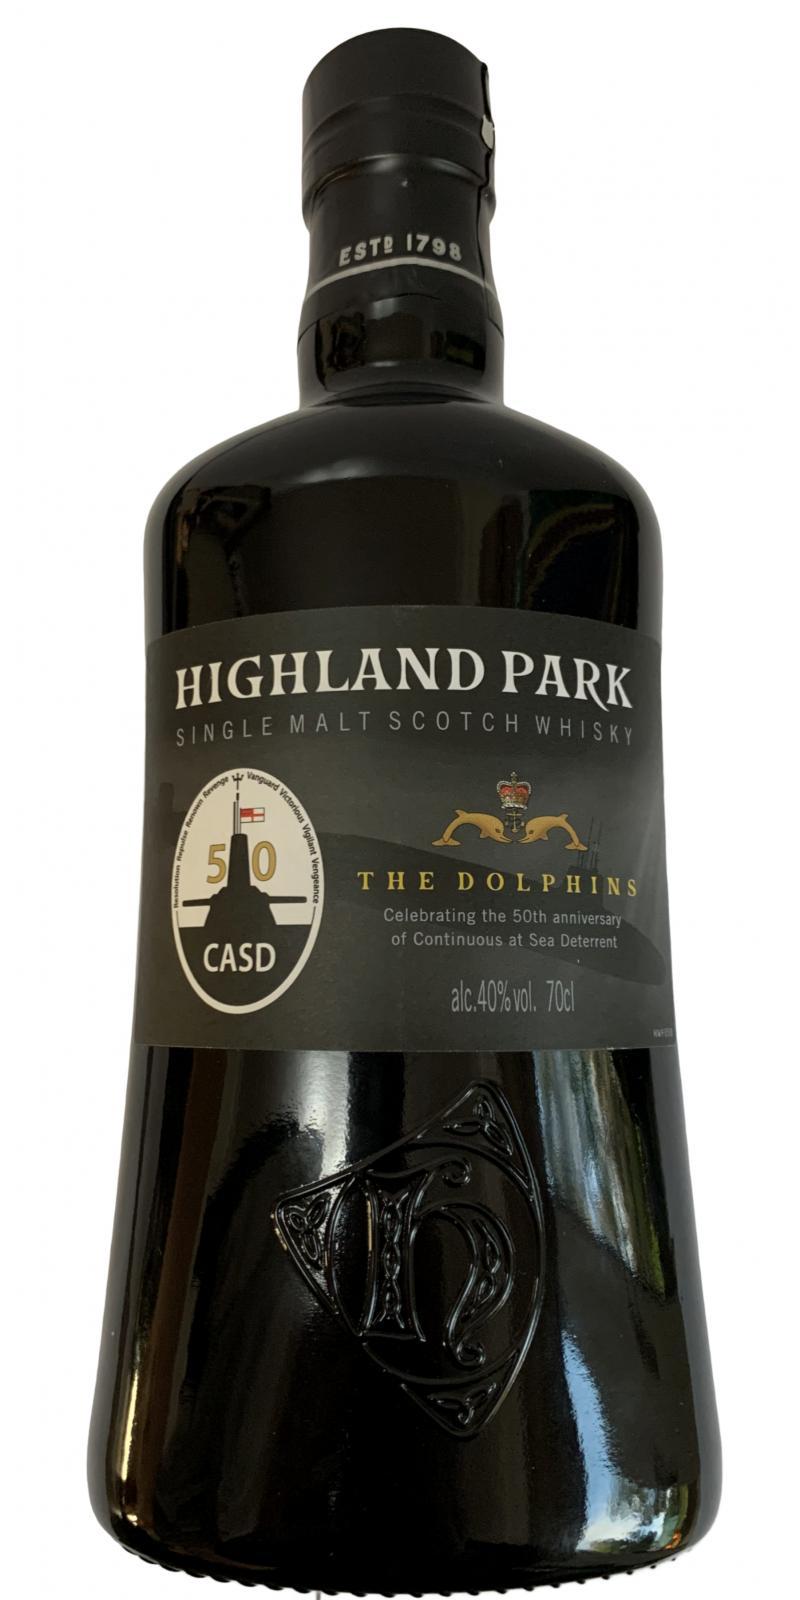 Highland Park The Dolphins